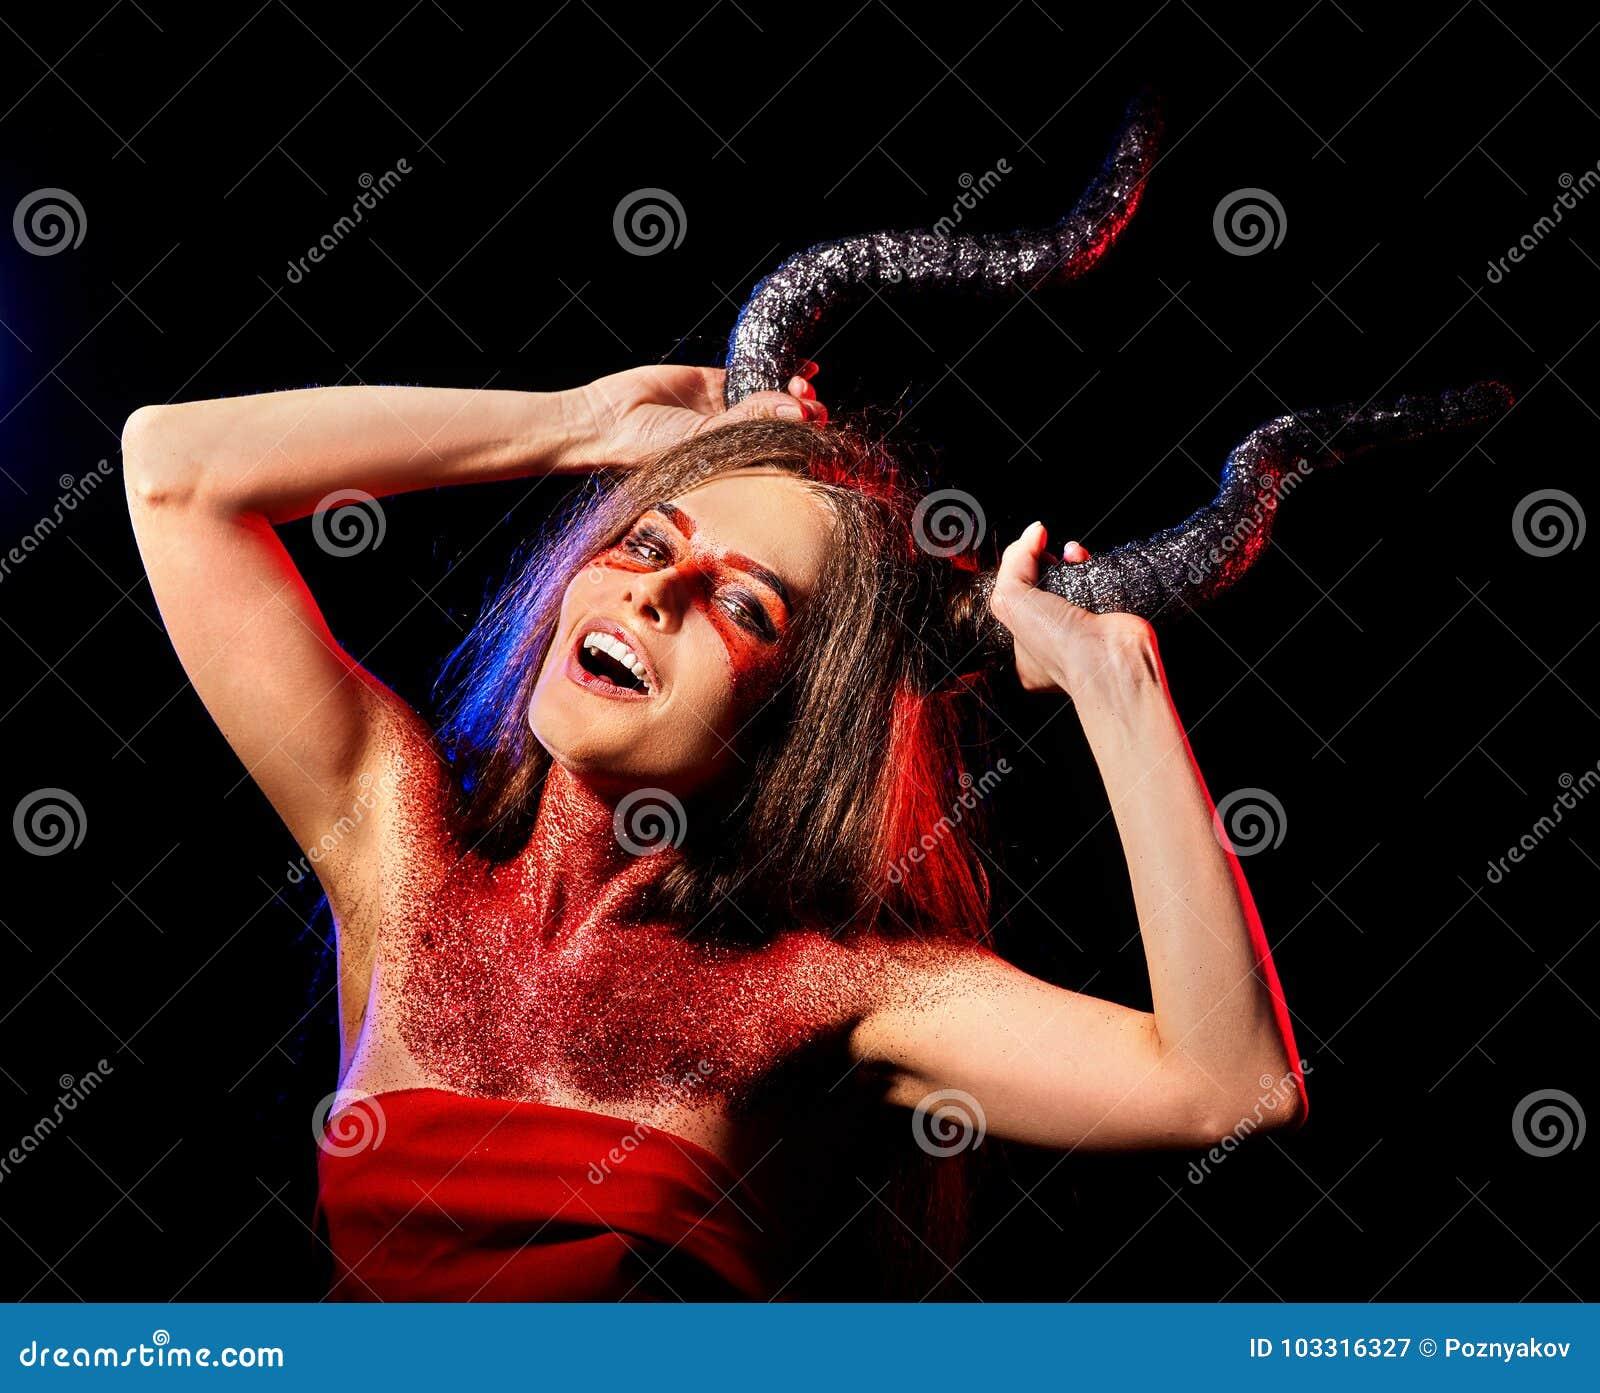 Mujer satan enojada ritual de la magia negra en infierno en Halloween